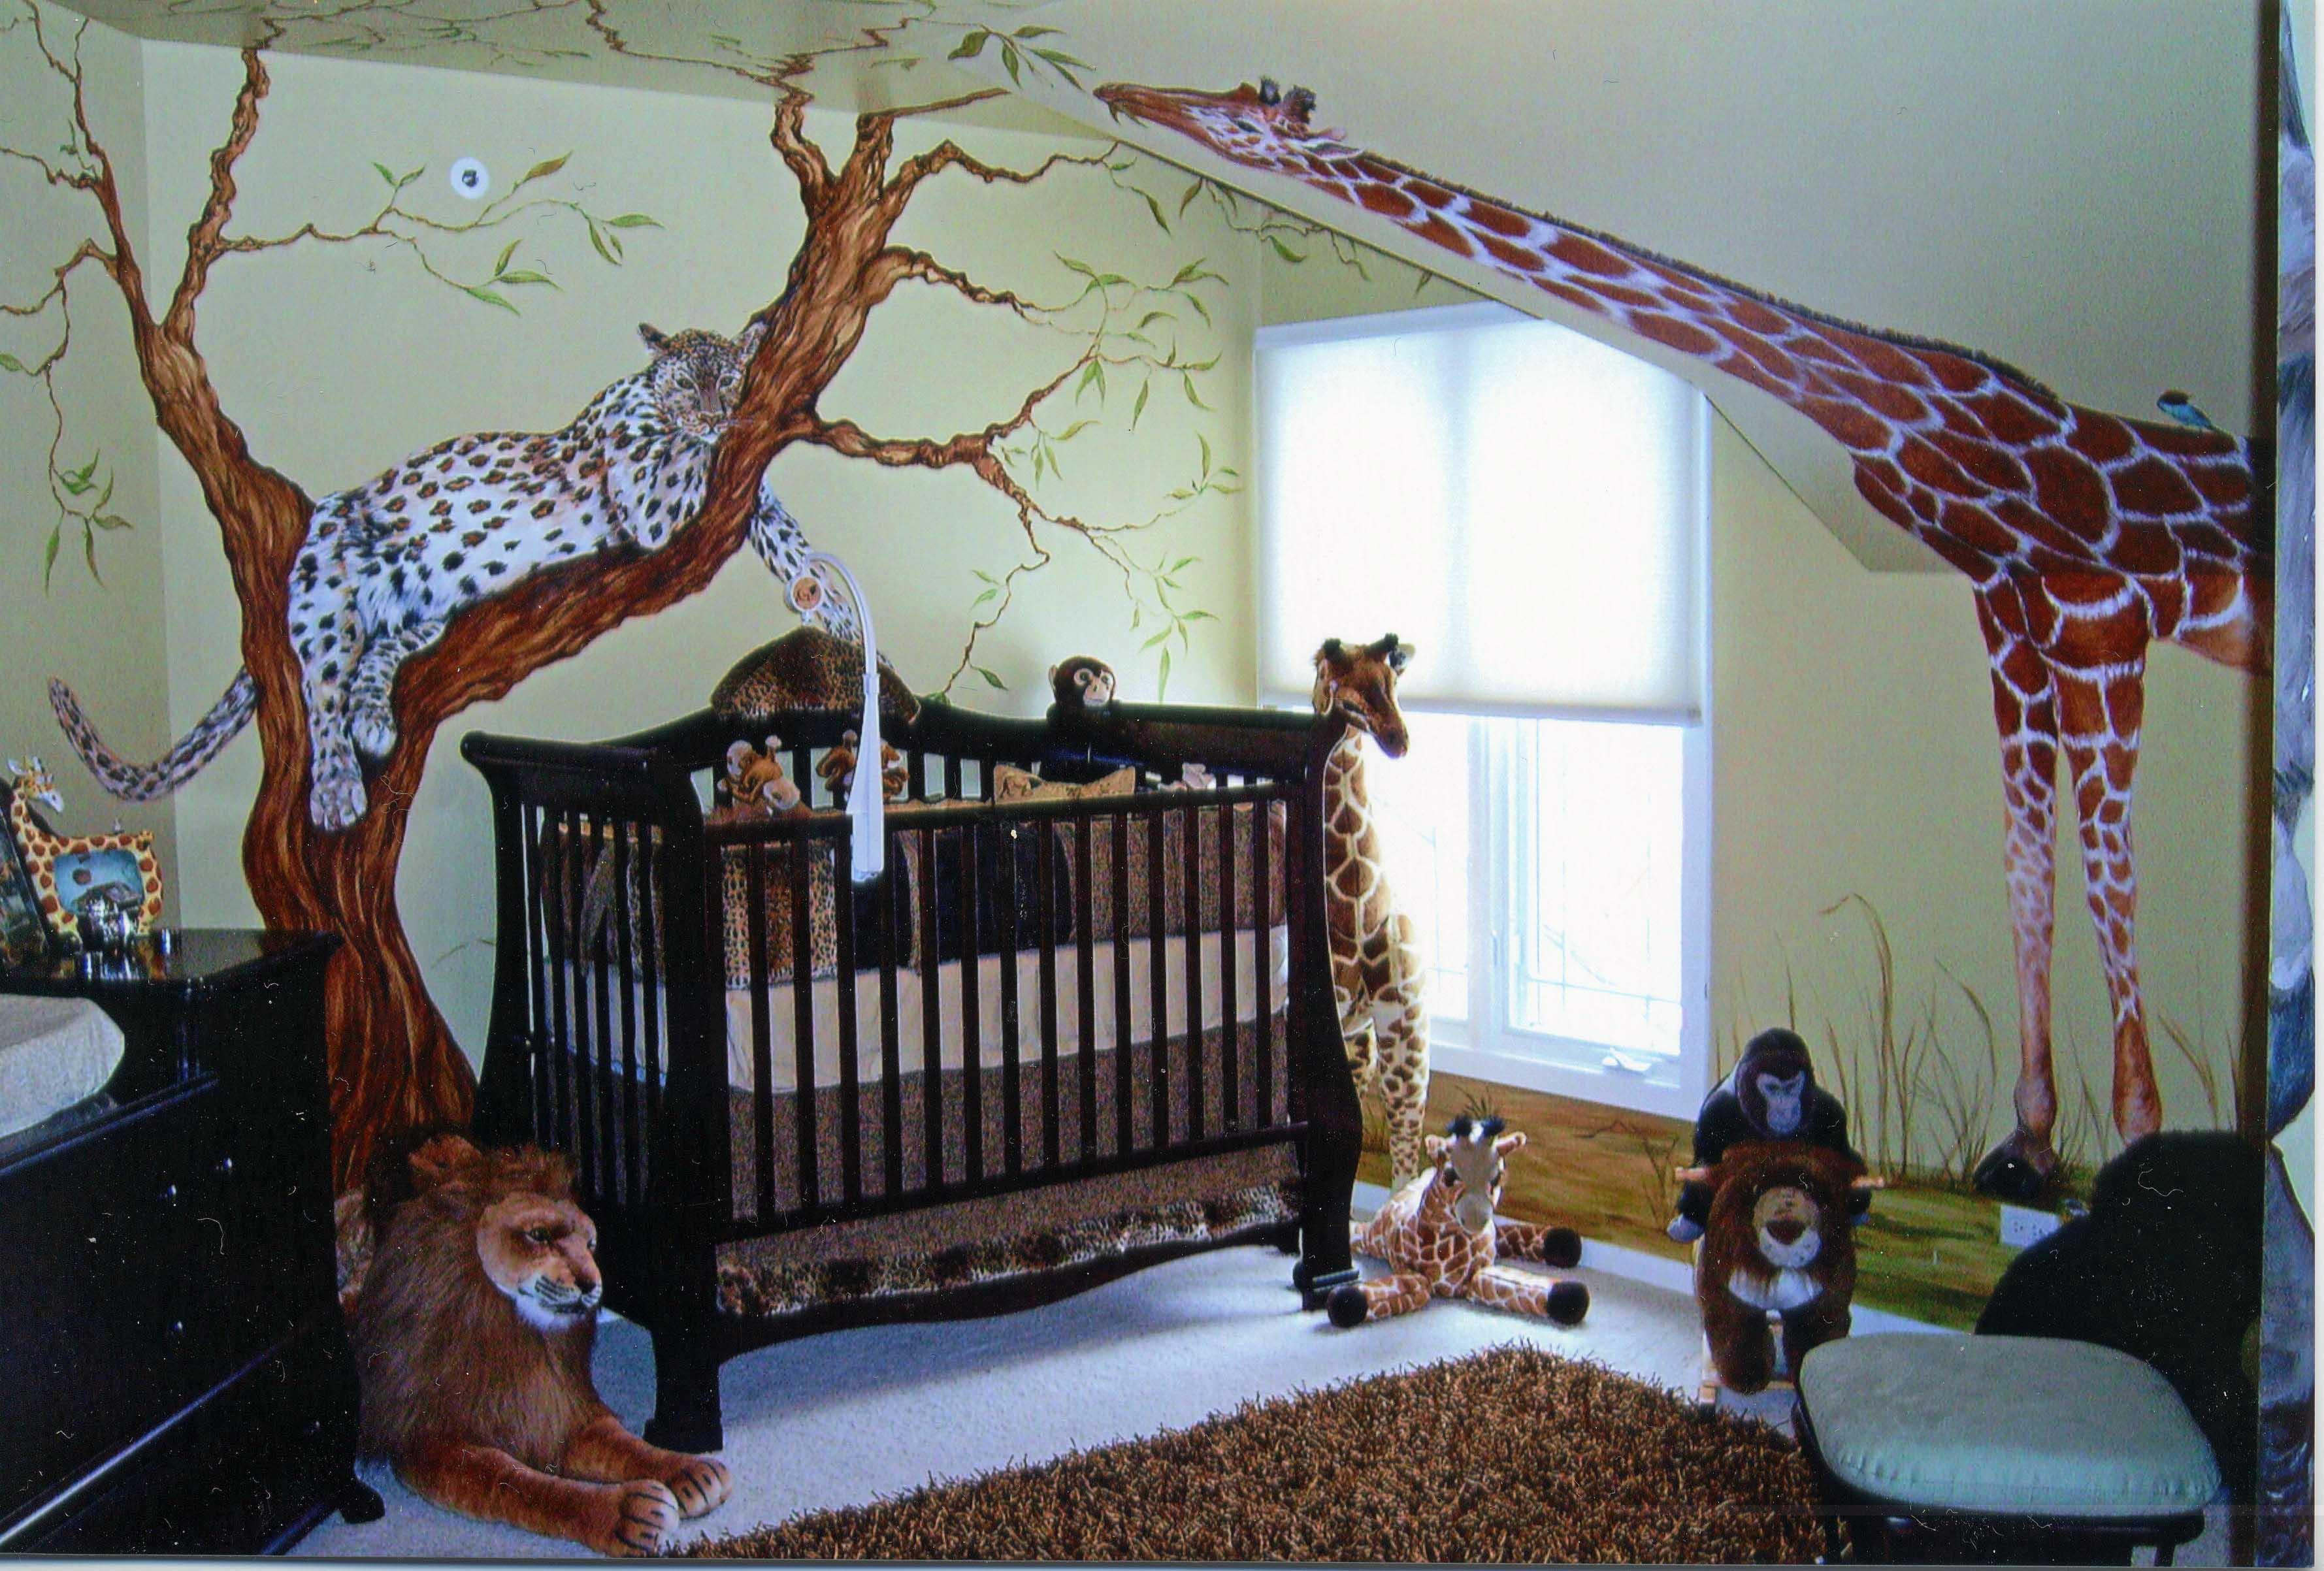 ide sesi t zbukuroni dhom n e f mij s tuaj. Black Bedroom Furniture Sets. Home Design Ideas